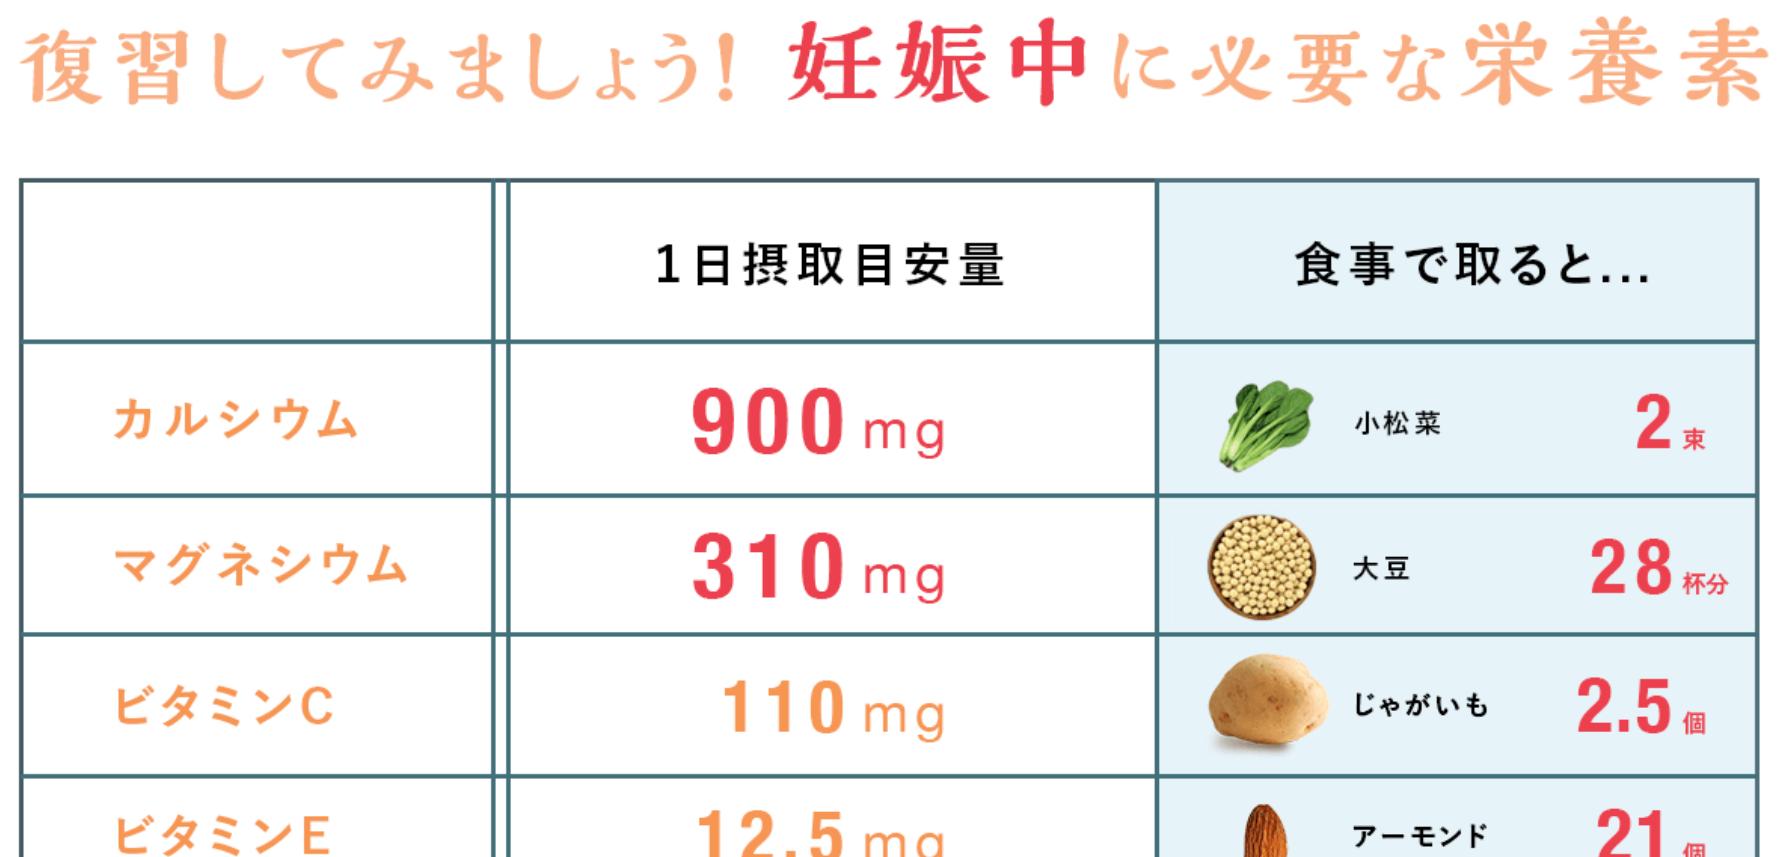 「こころからだあんしん葉酸」にはカルシウム・マグネシウムなどが豊富に含まれている